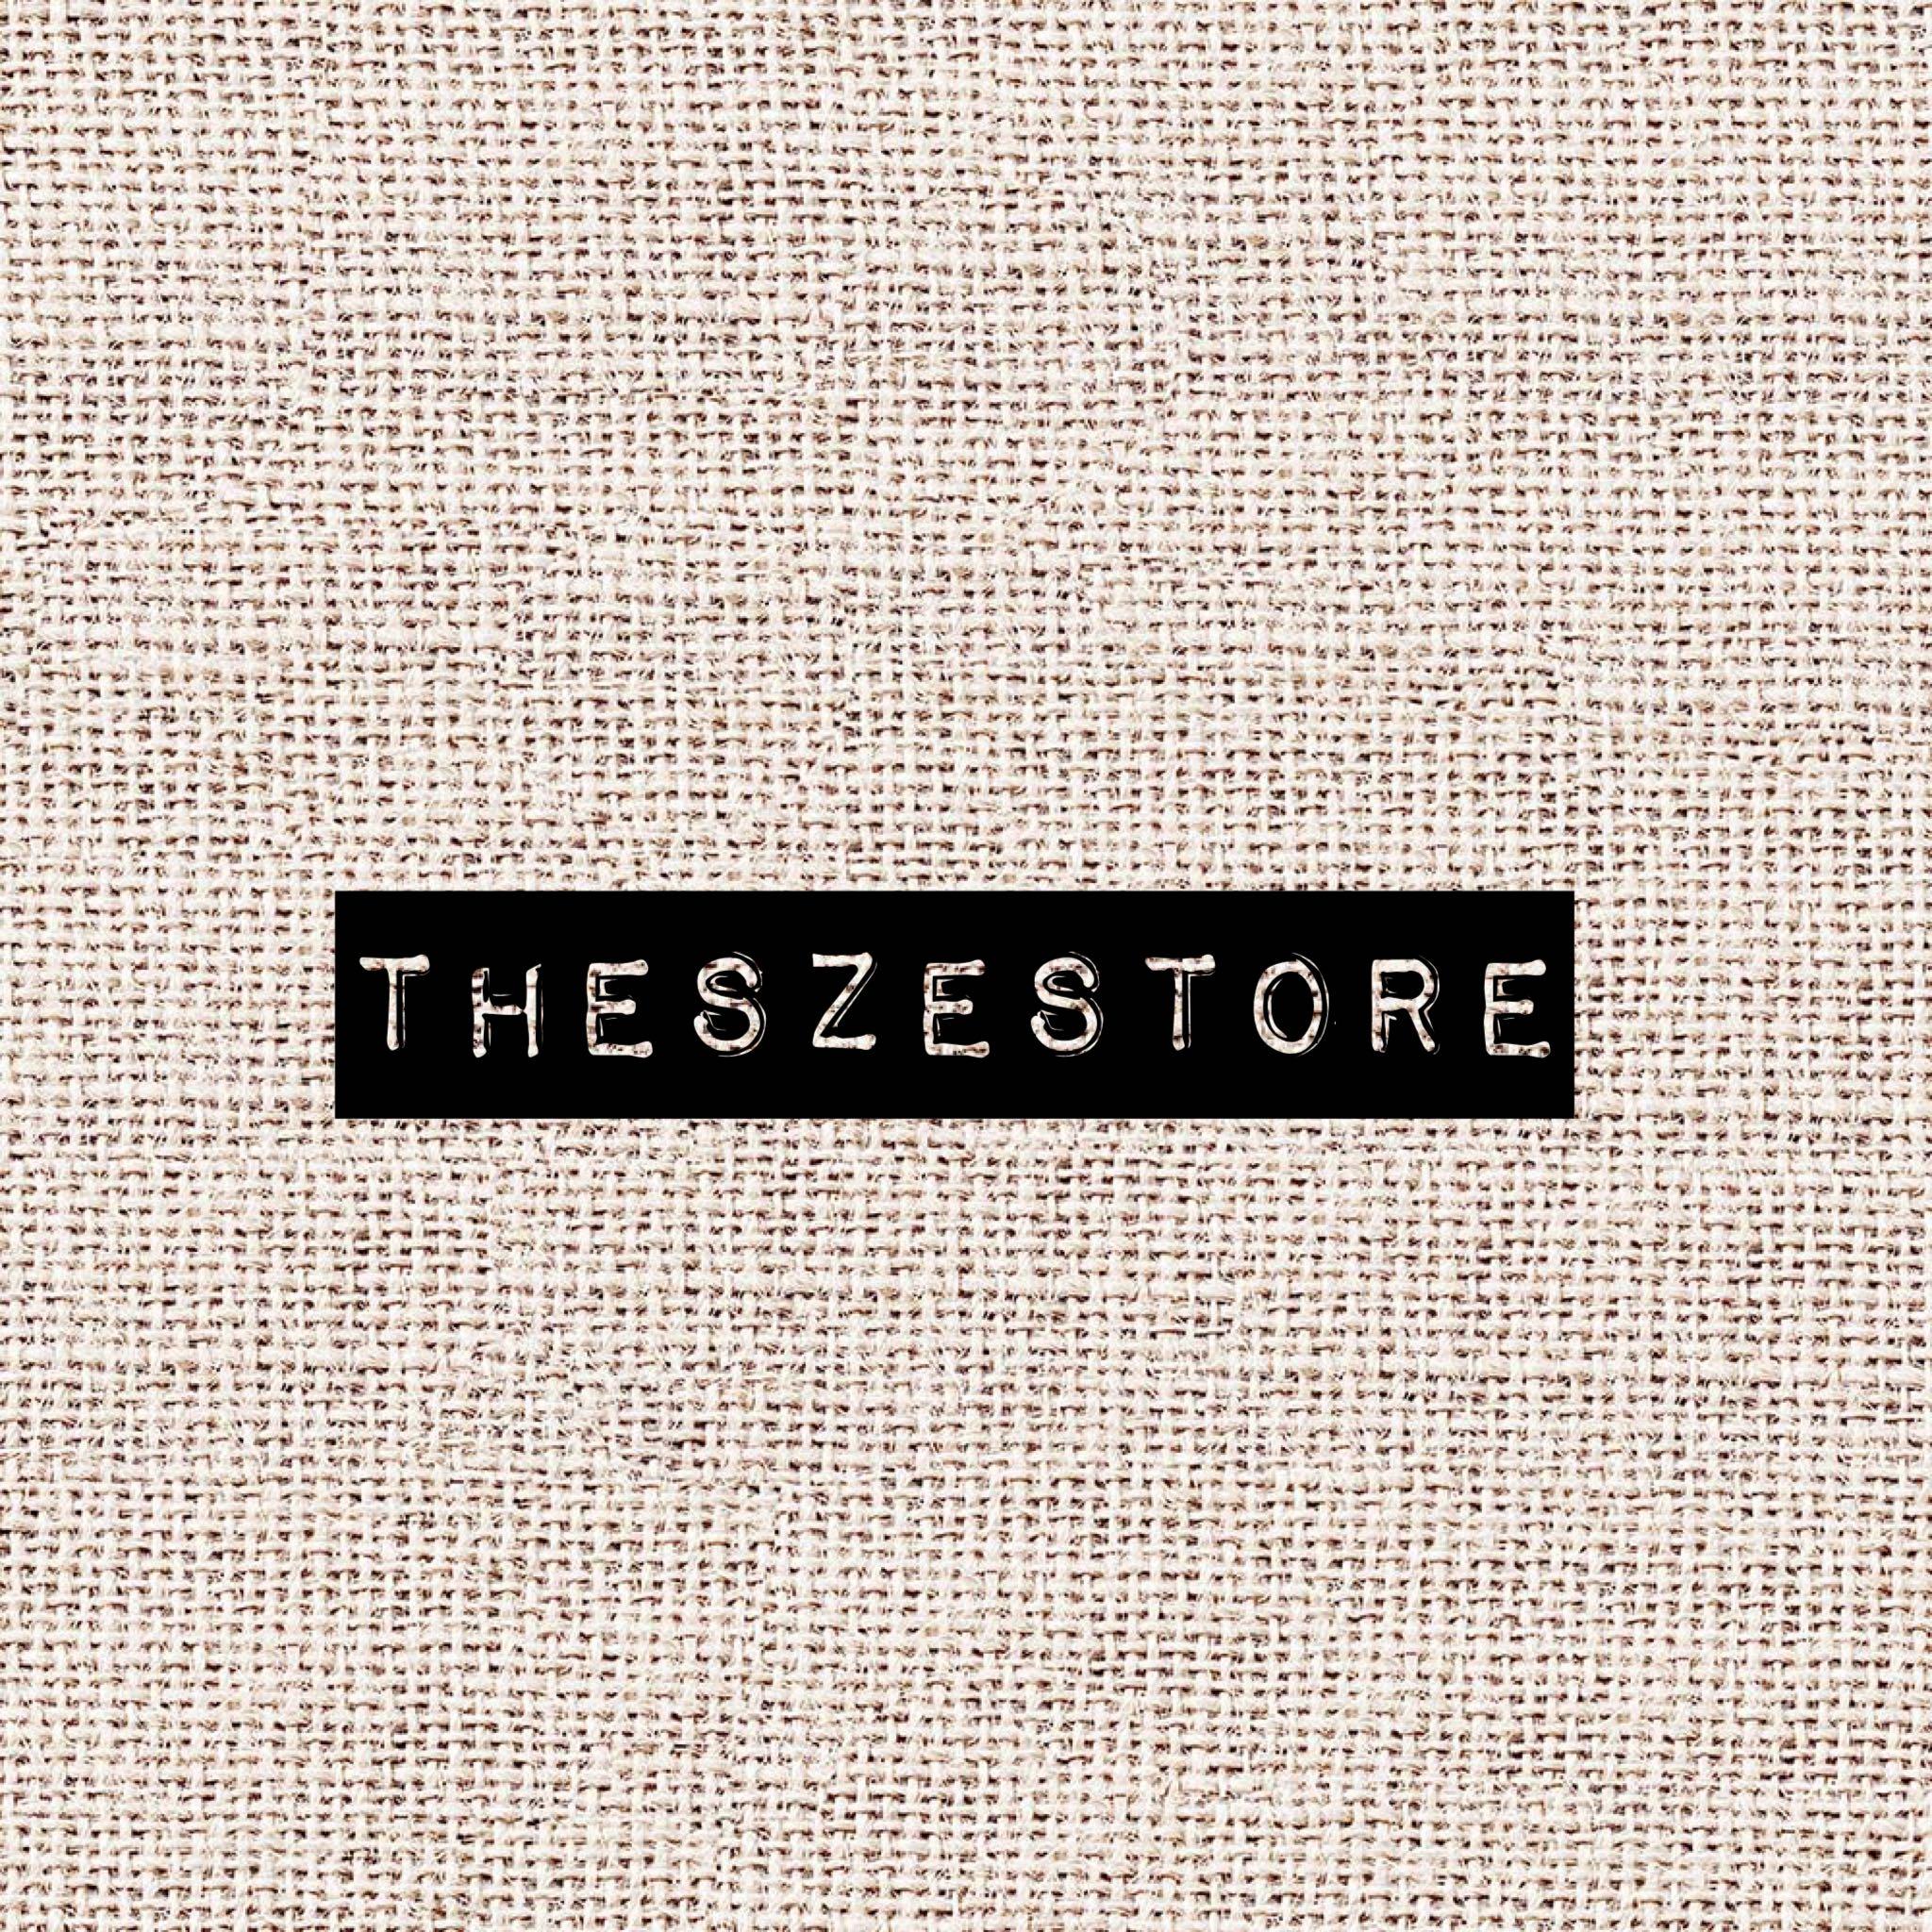 theszestore